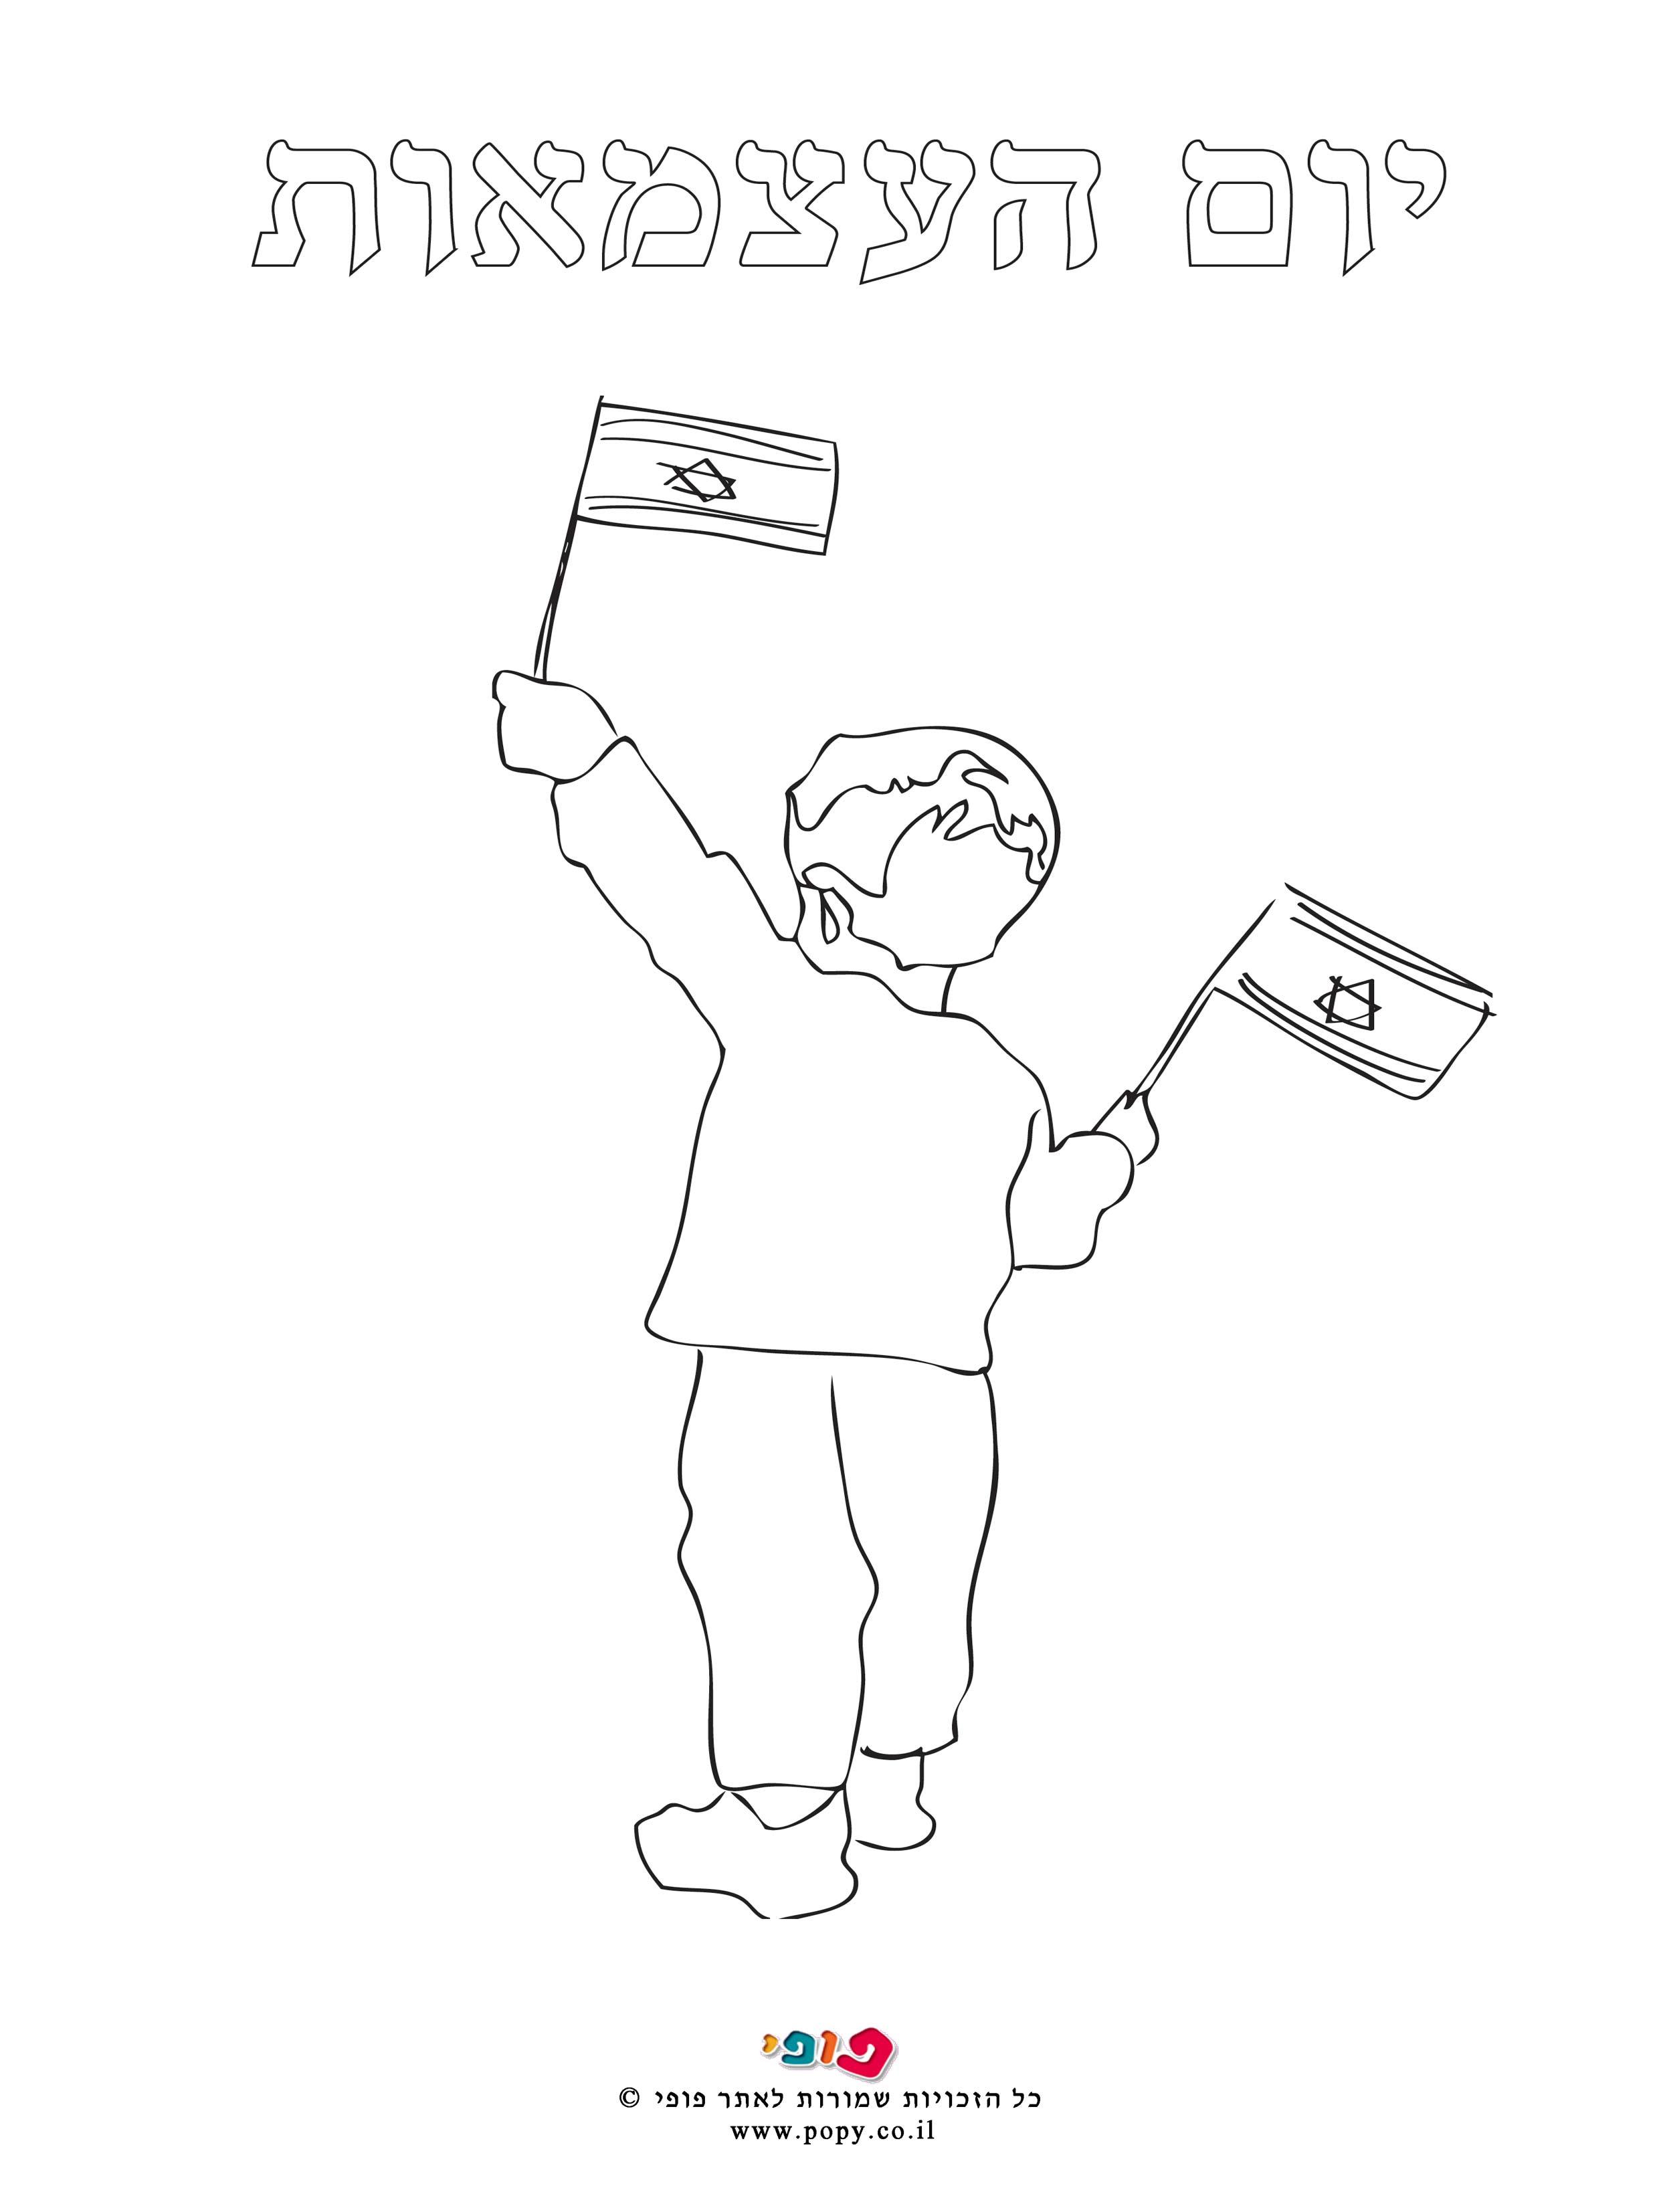 דף צביעה ליום העצמאות ילד מנופף דגל ישראל